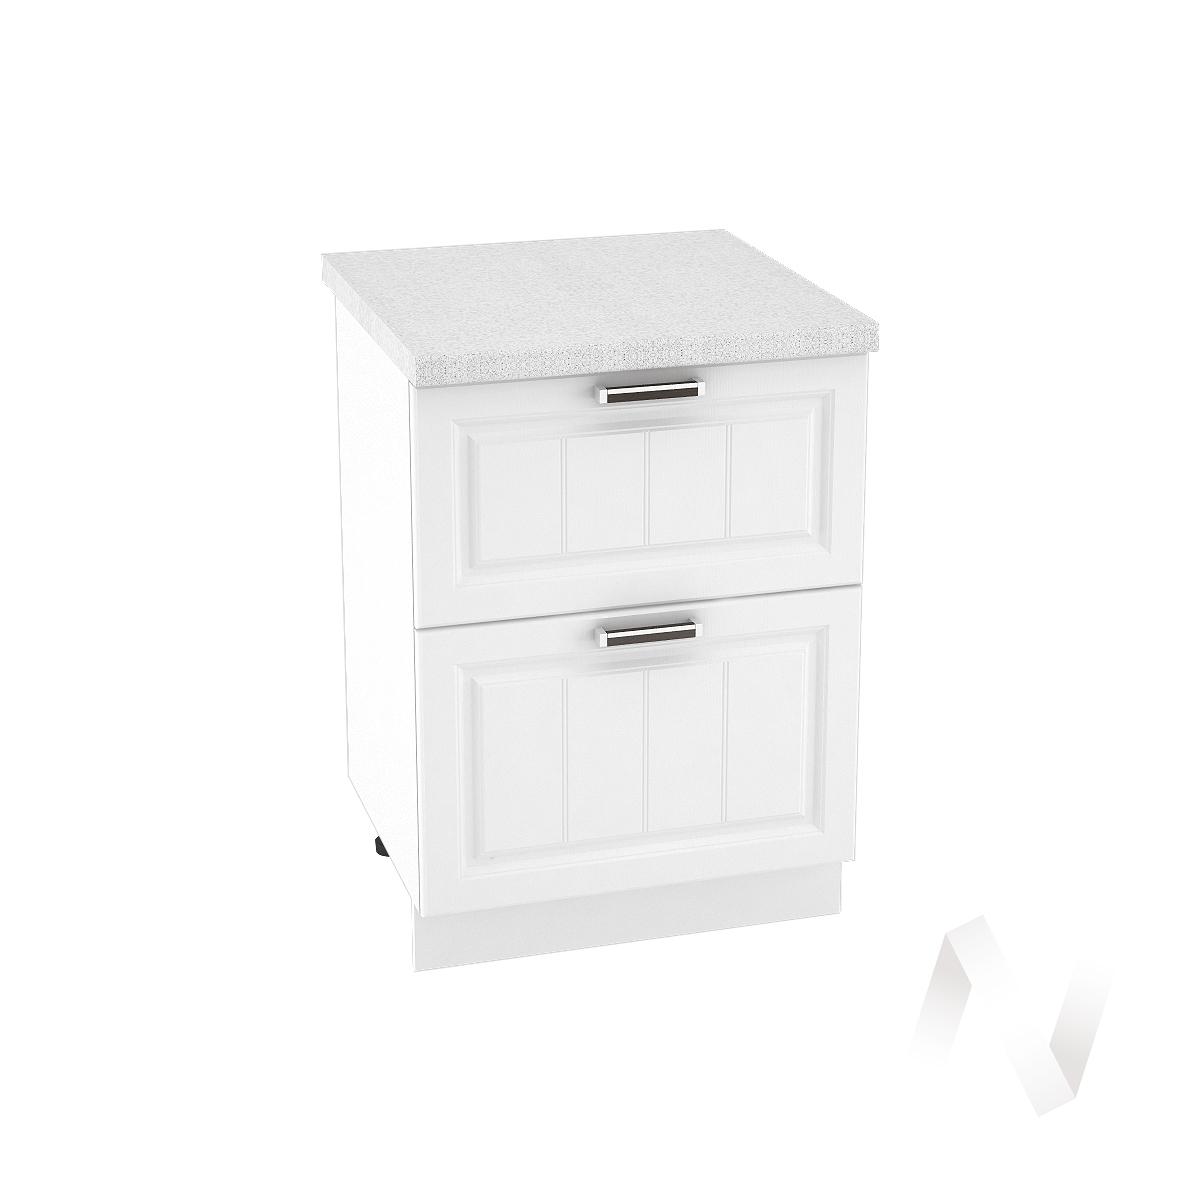 """Кухня """"Прага"""": Шкаф нижний с 2-мя ящиками 600, ШН2Я 600 (белое дерево/корпус белый)"""